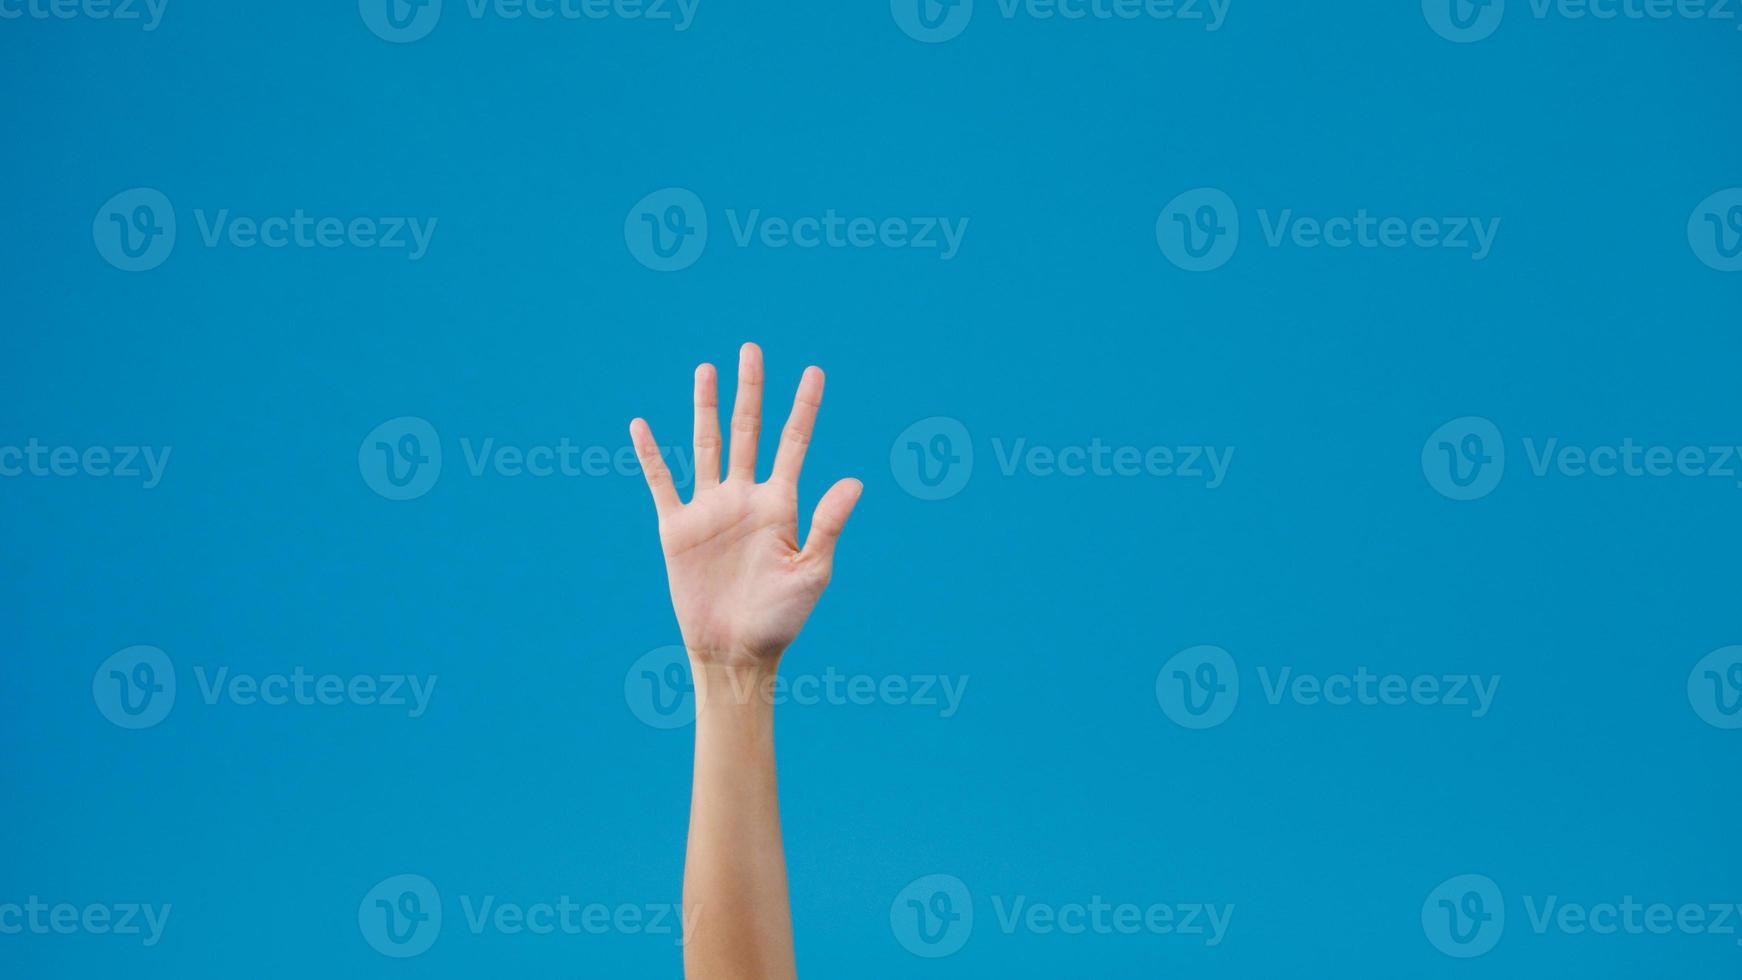 jeune femme agitant en disant salut, au revoir en faisant des gestes de la main isolés sur fond bleu. copiez l'espace pour placer un texte, un message pour la publicité. zone publicitaire, maquette de contenu promotionnel. photo